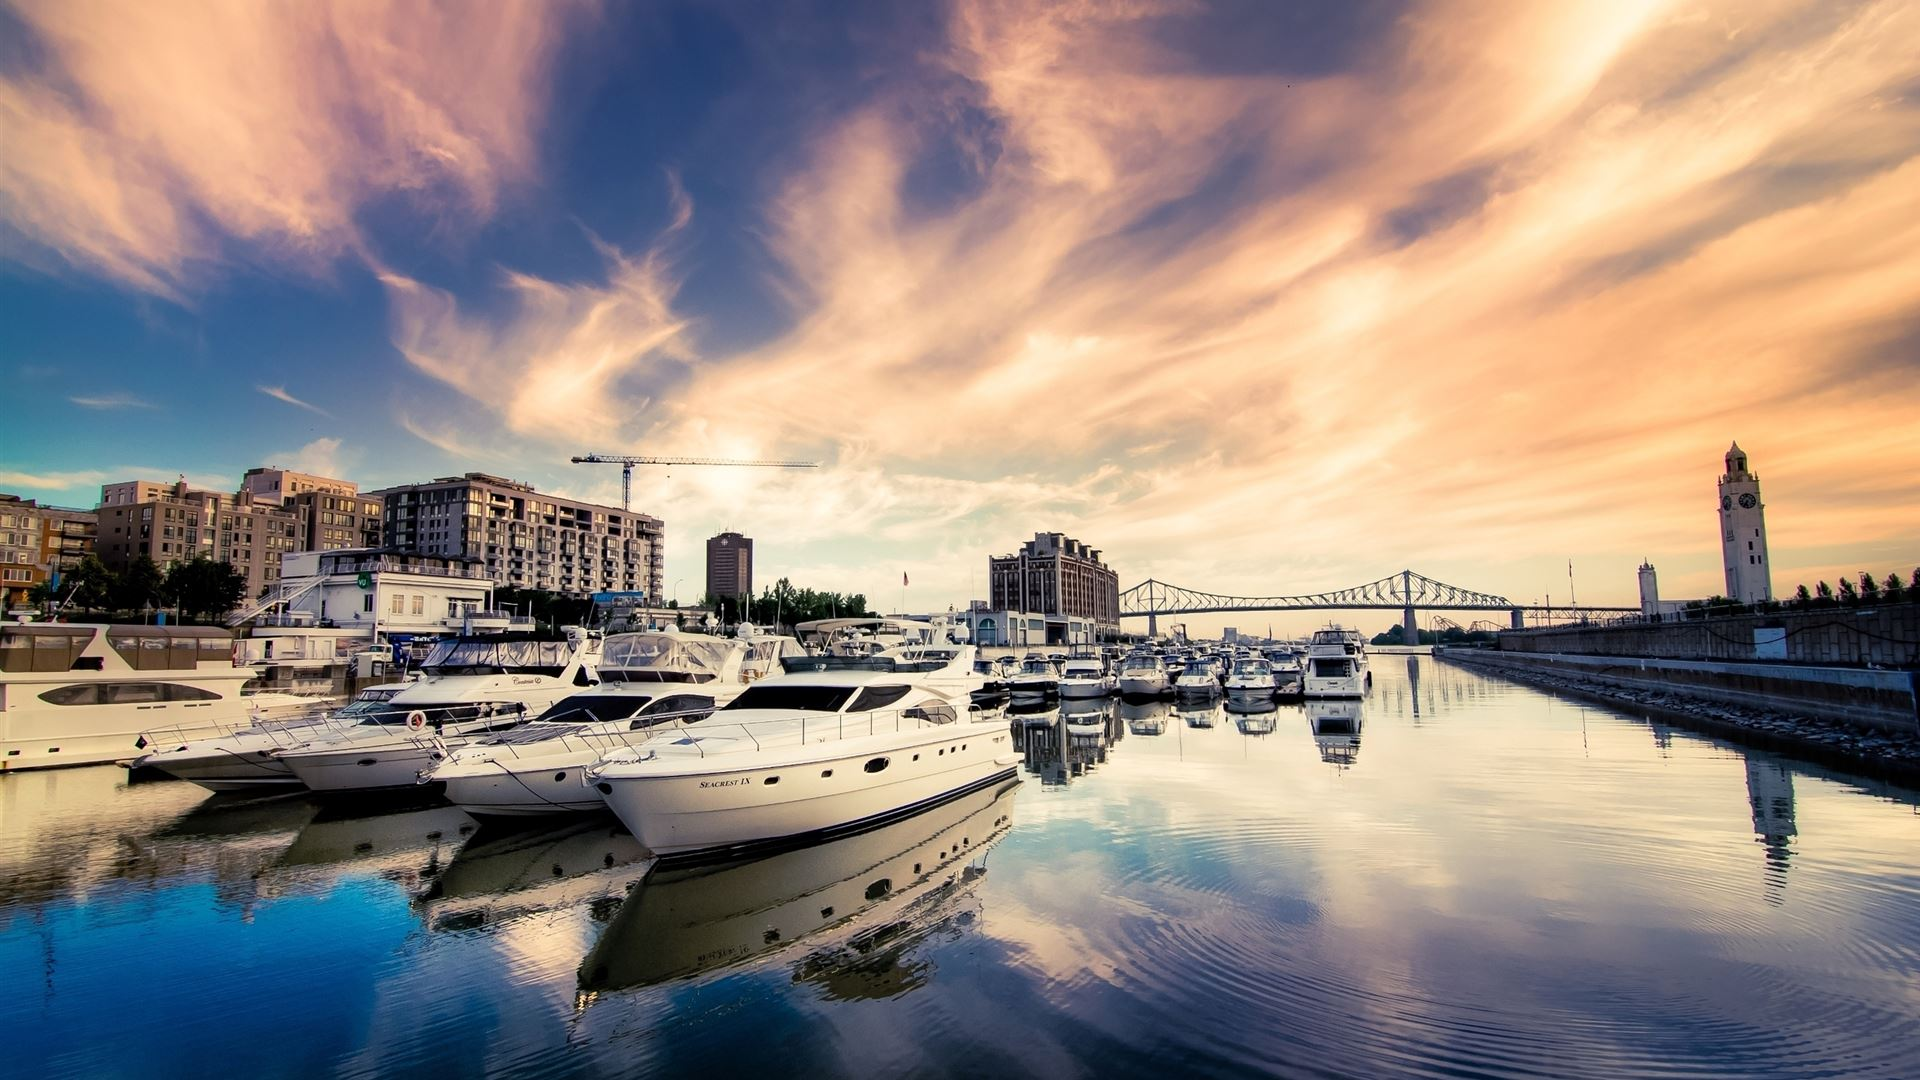 luxury boats in port mac wallpaper download free mac